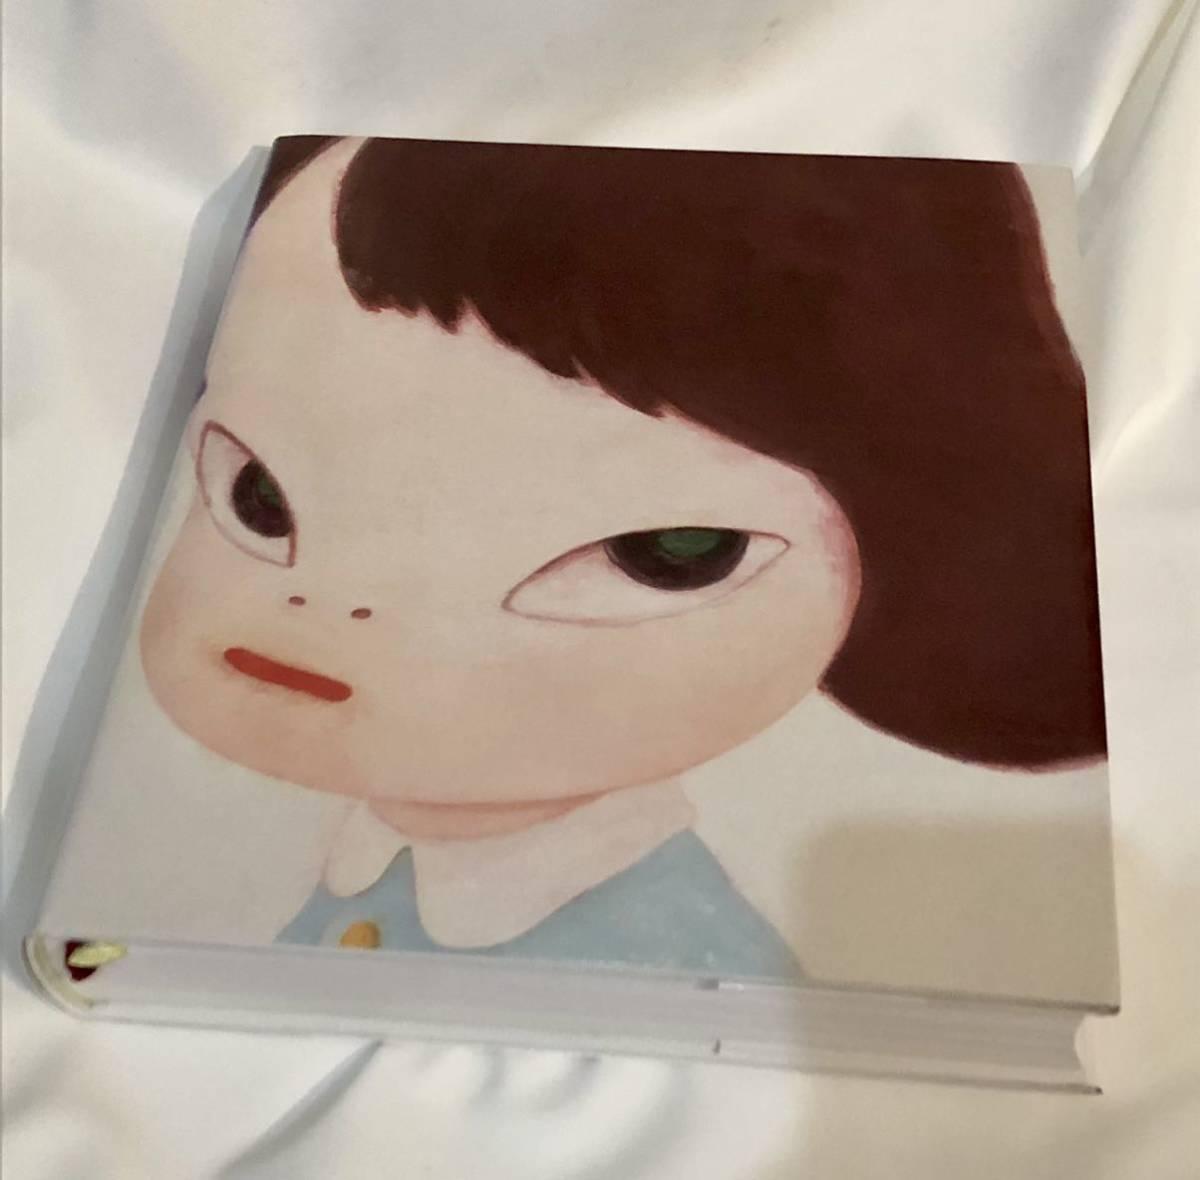 奈良美智 全作品集 1984-2010 Yoshitomo Nara: The Complete Works_画像7